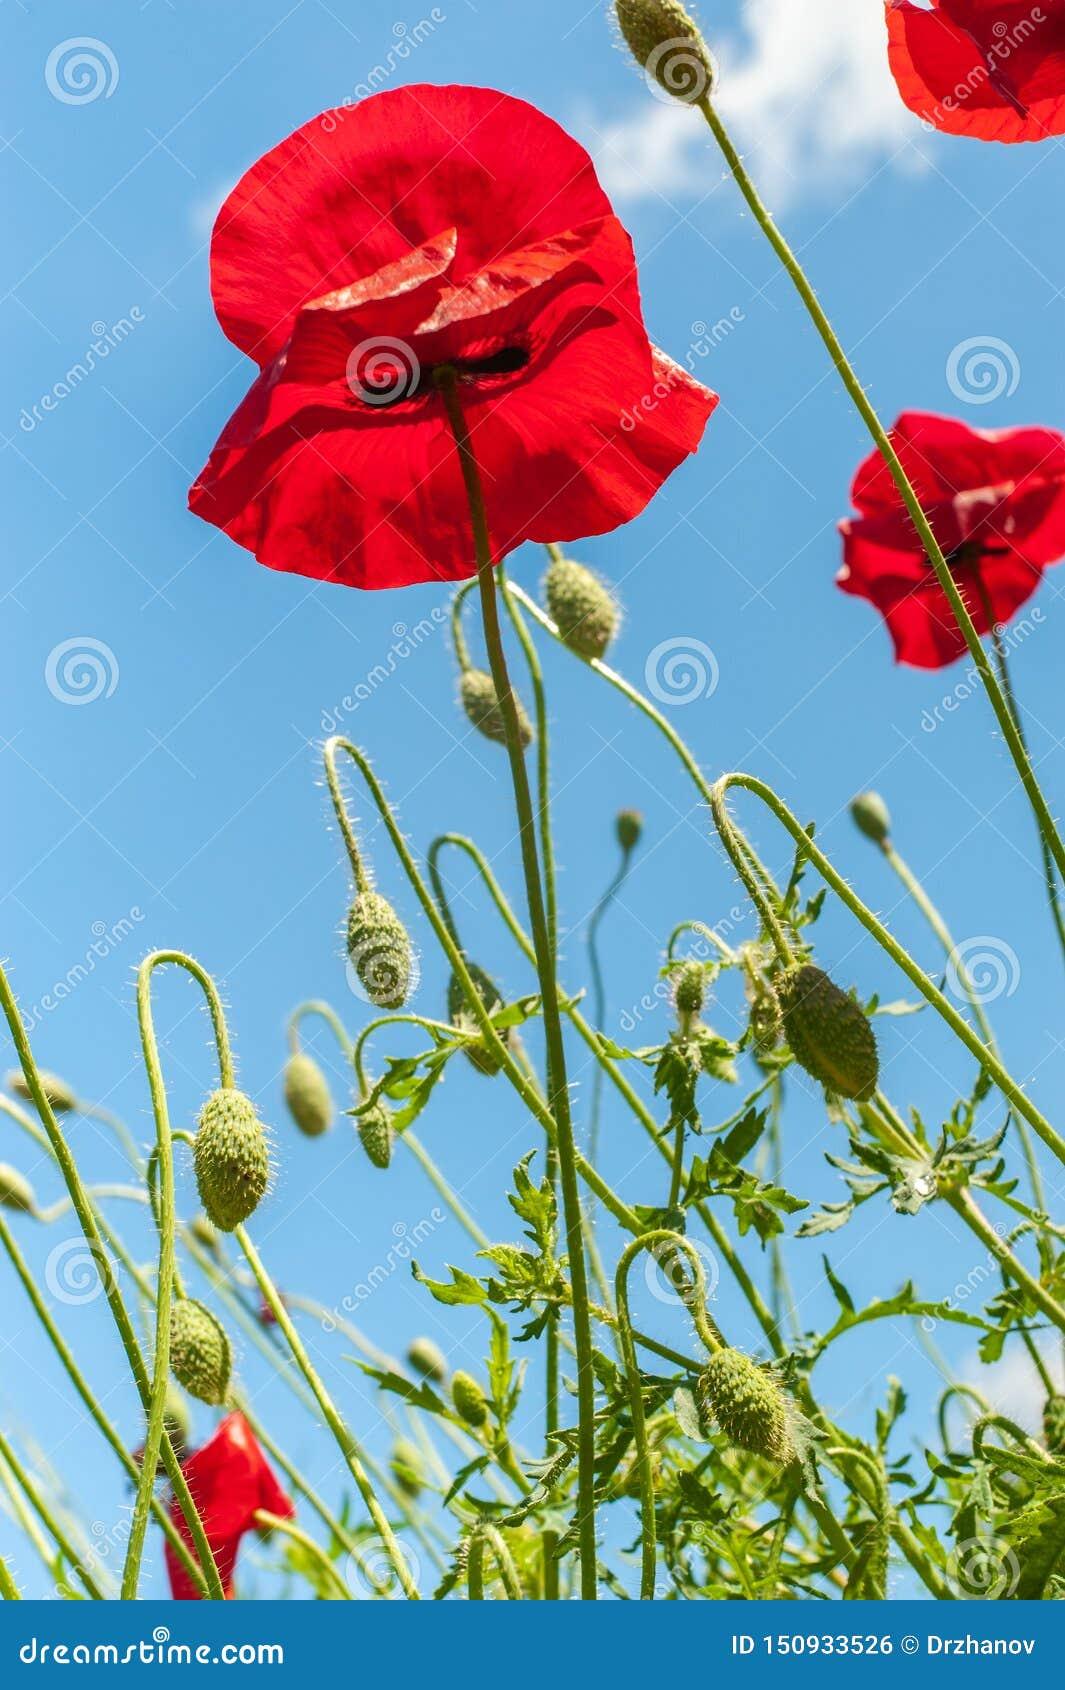 Μερικοί κόκκινη φωτεινή απλή παπαρούνα ανθίζουν κάτω από το φωτεινό μπλε ουρανό, κάθετη φωτογραφία